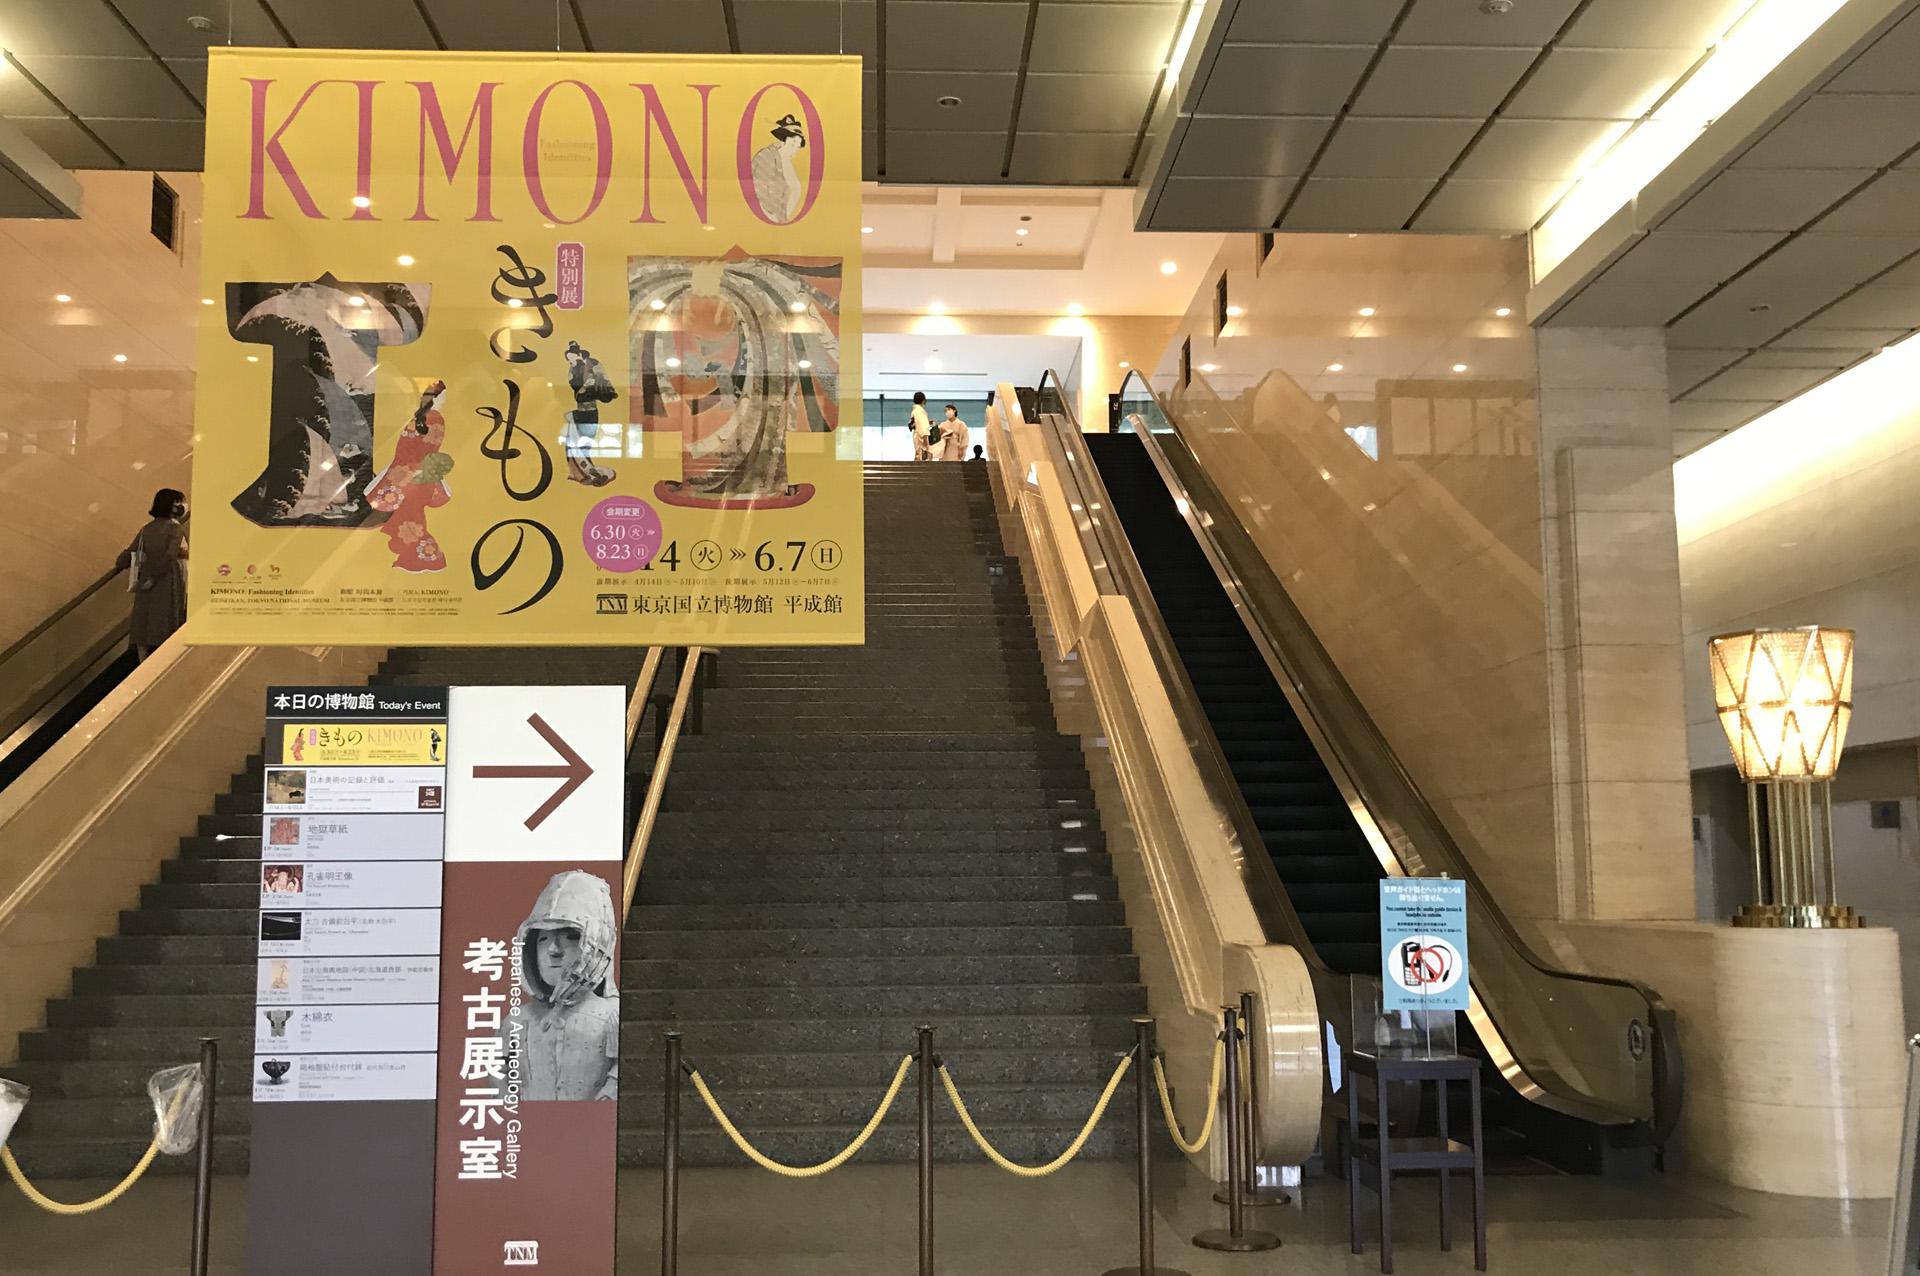 きもの展 KIMONO 東京国立博物館 トーハク